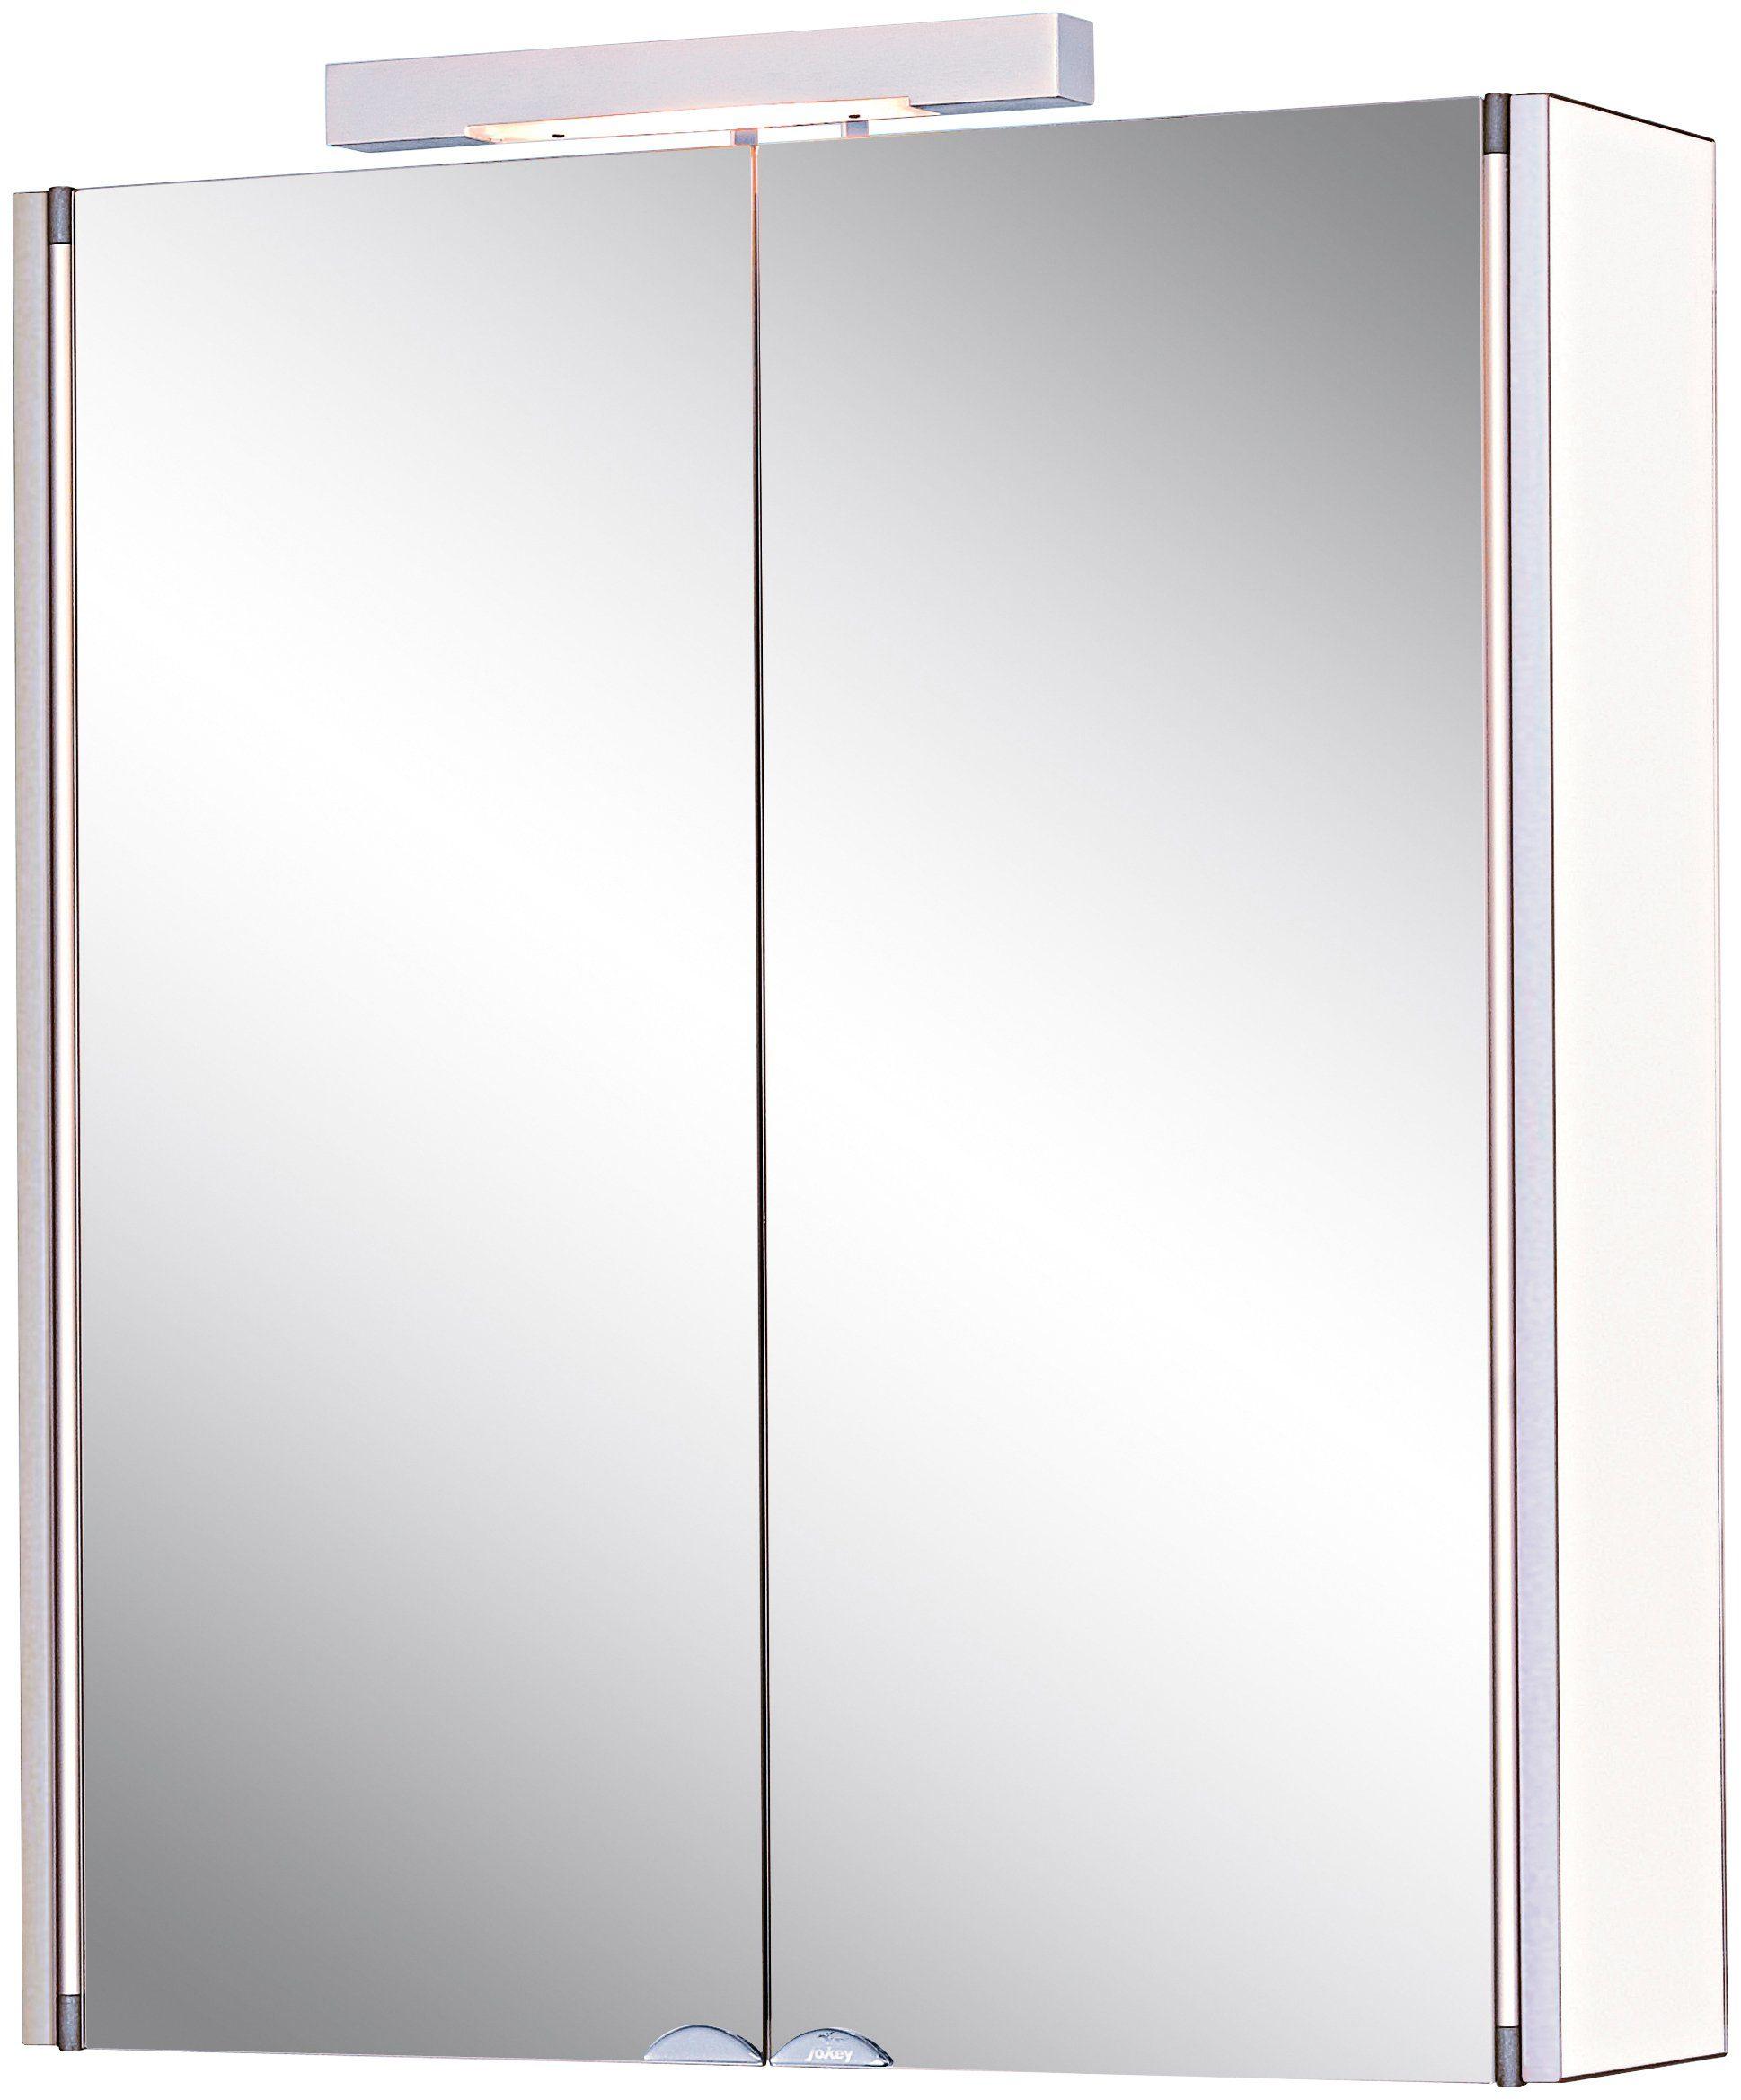 Spiegelschrank »Mandiol II« Breite 63 cm, mit Beleuchtung